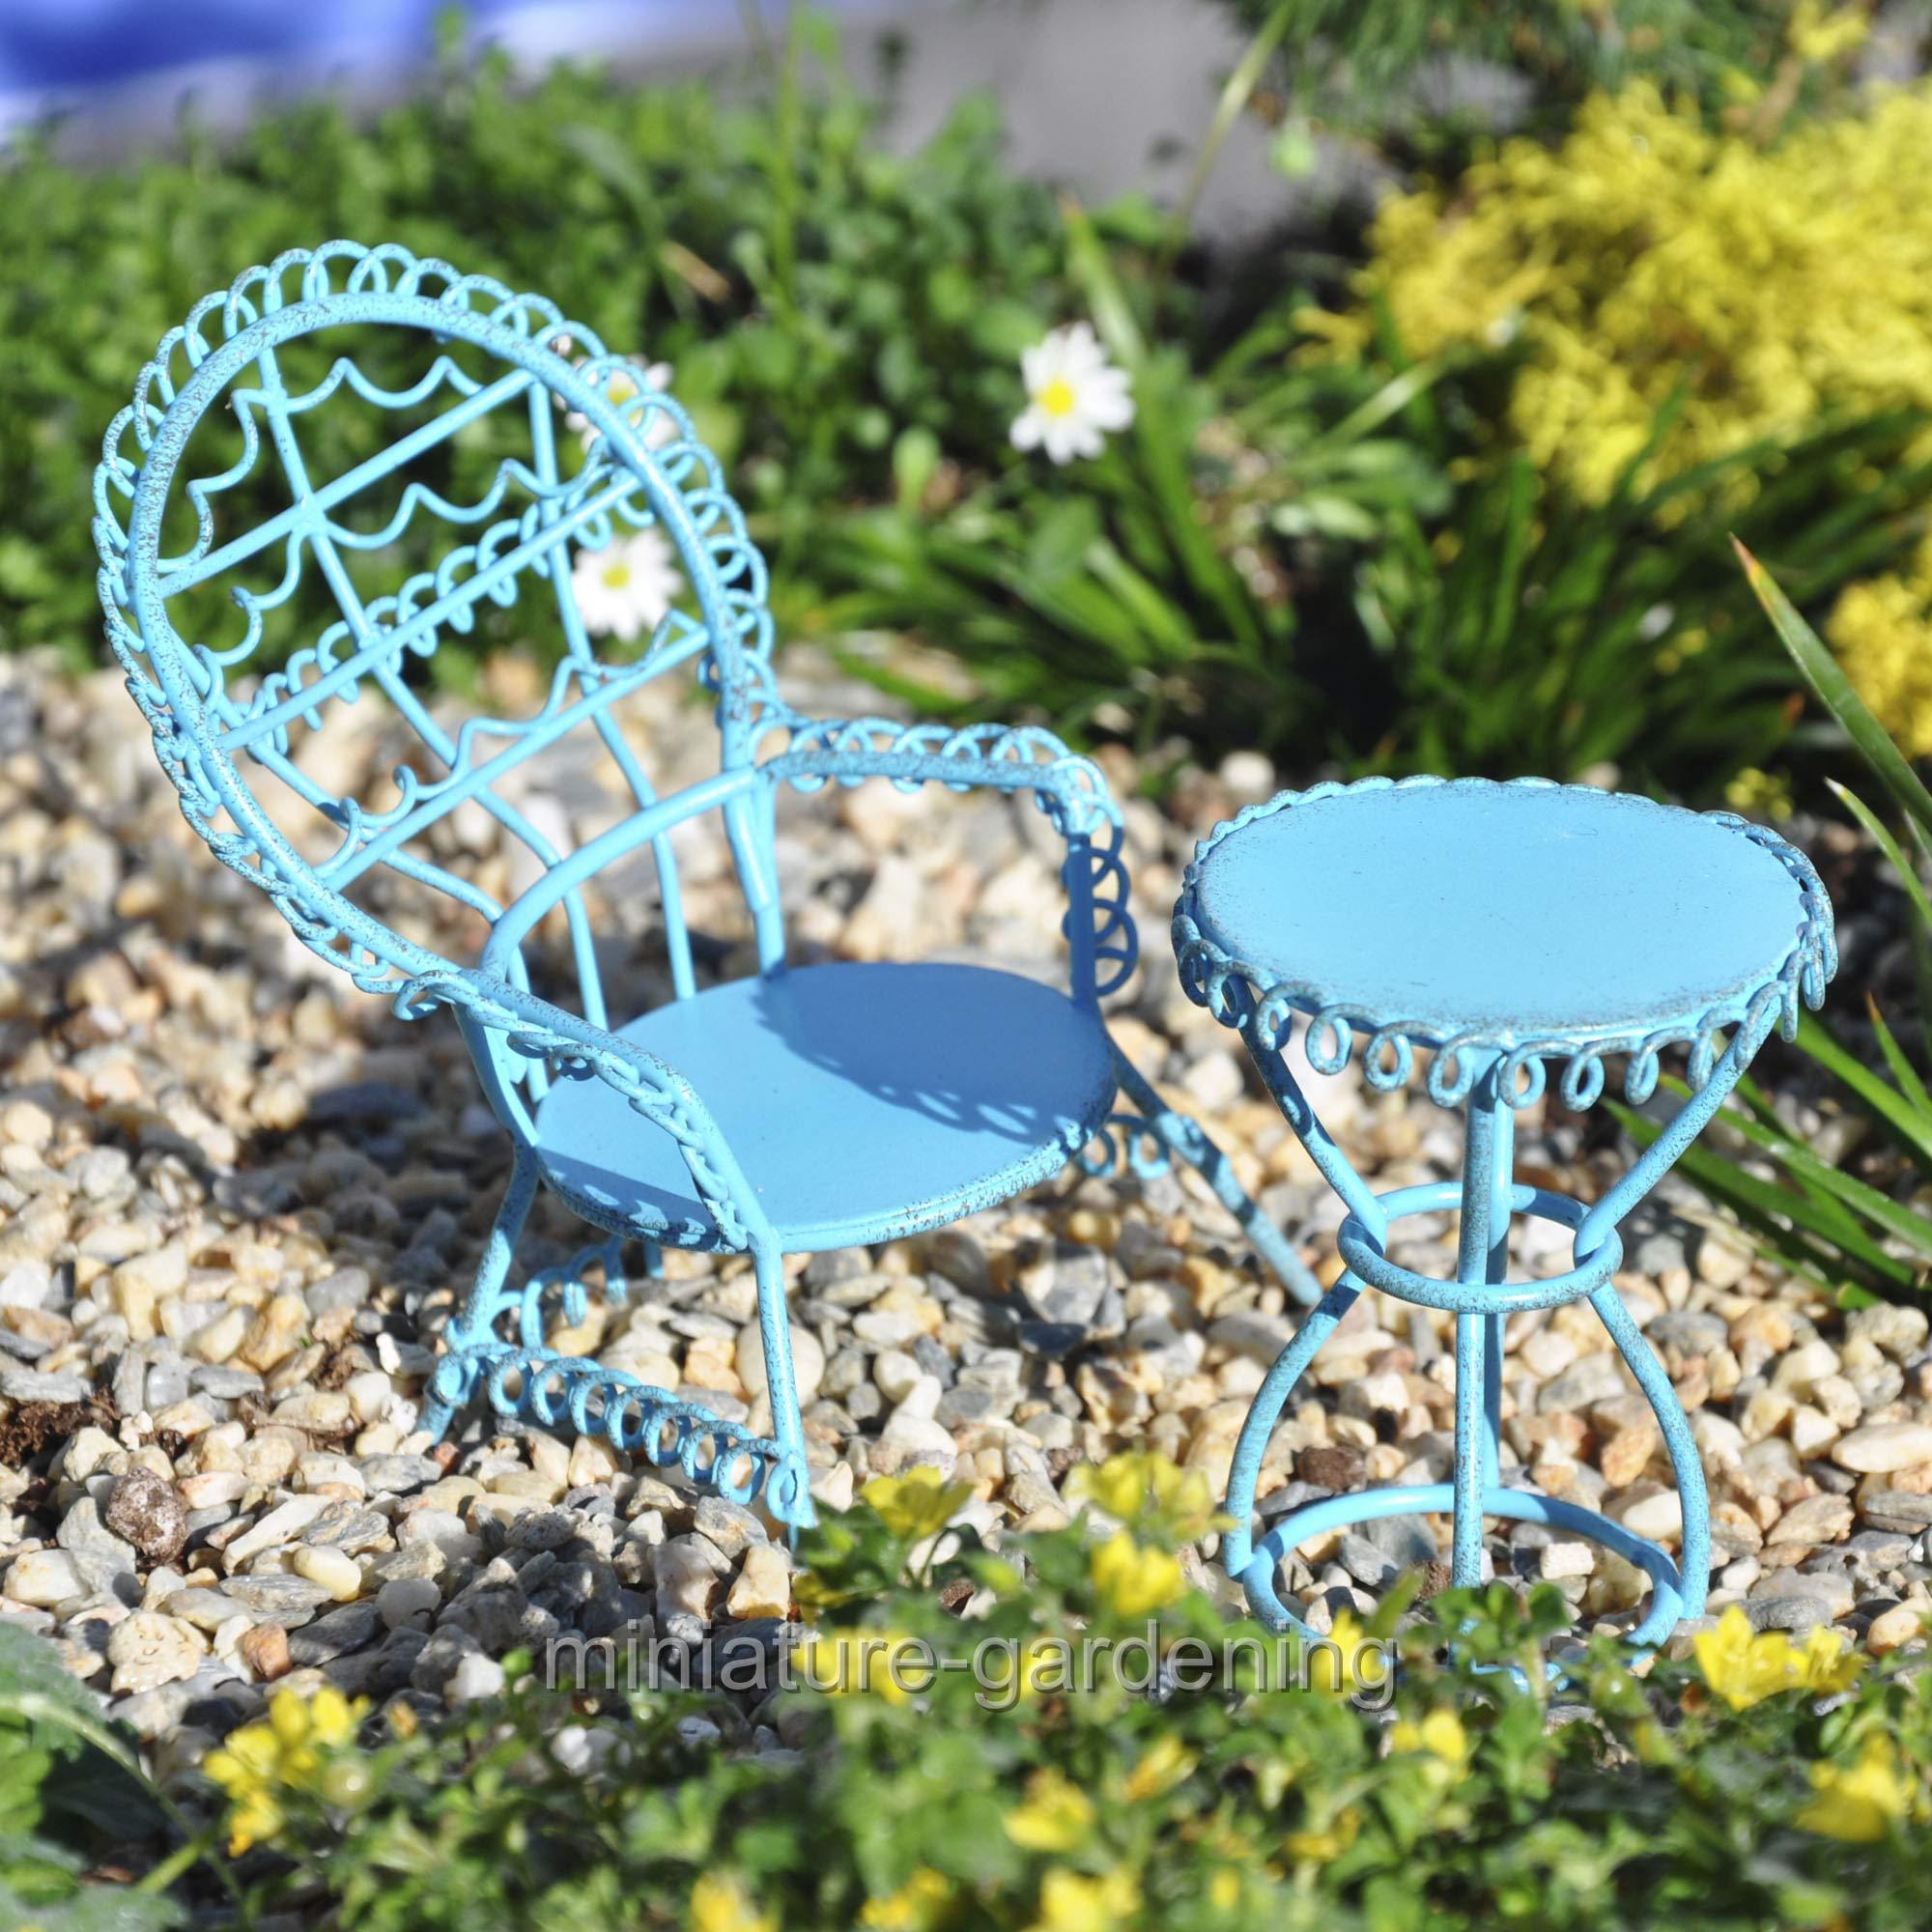 OKSLO peacock chair and table, 2 piece set for miniature garden, fairy garden